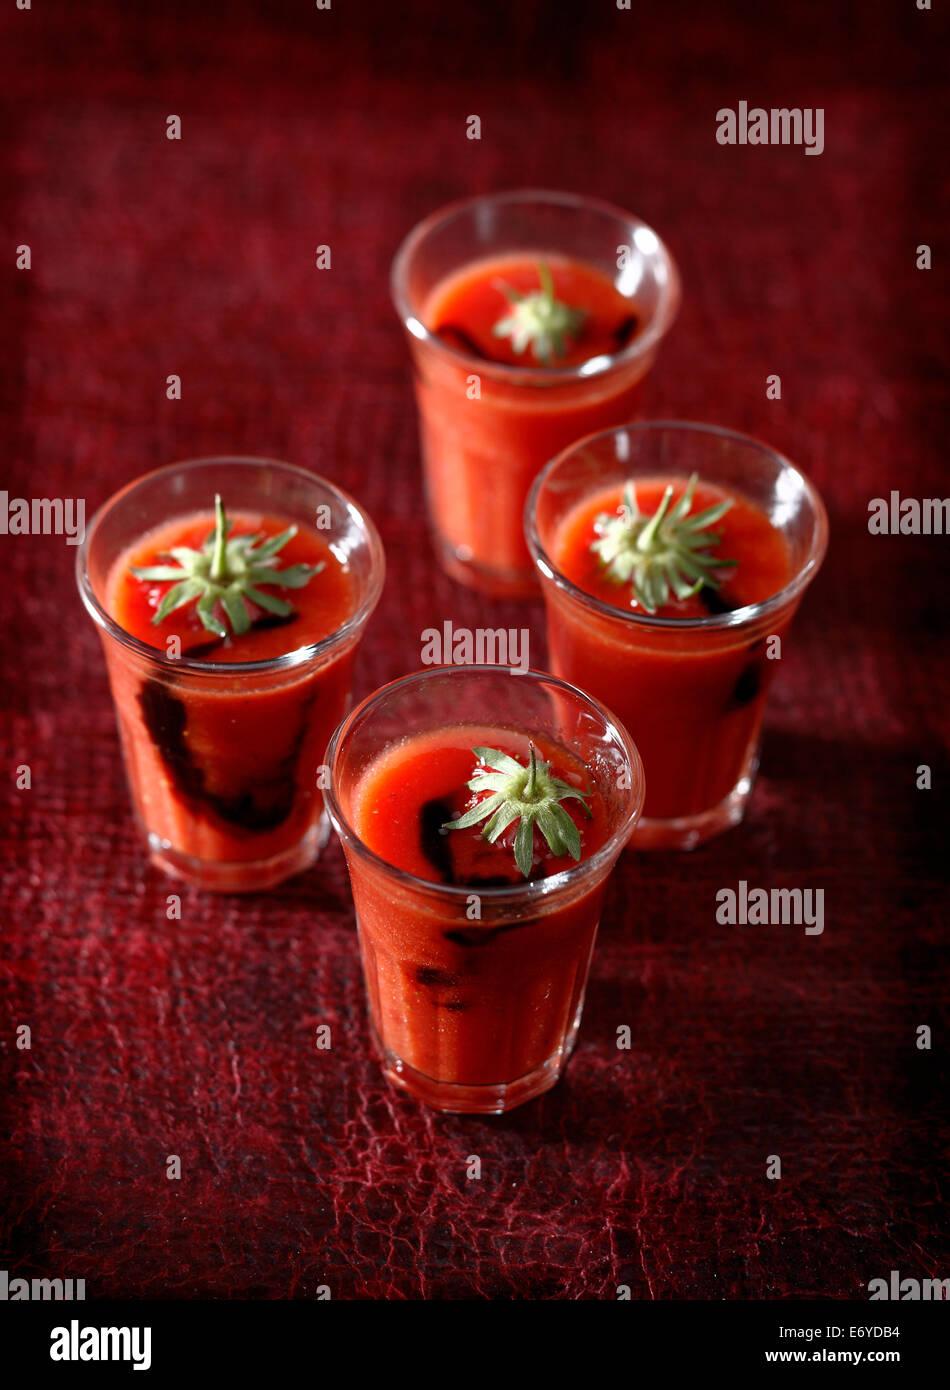 La tomate et jus de fraises avec vinaigar balsamique Photo Stock